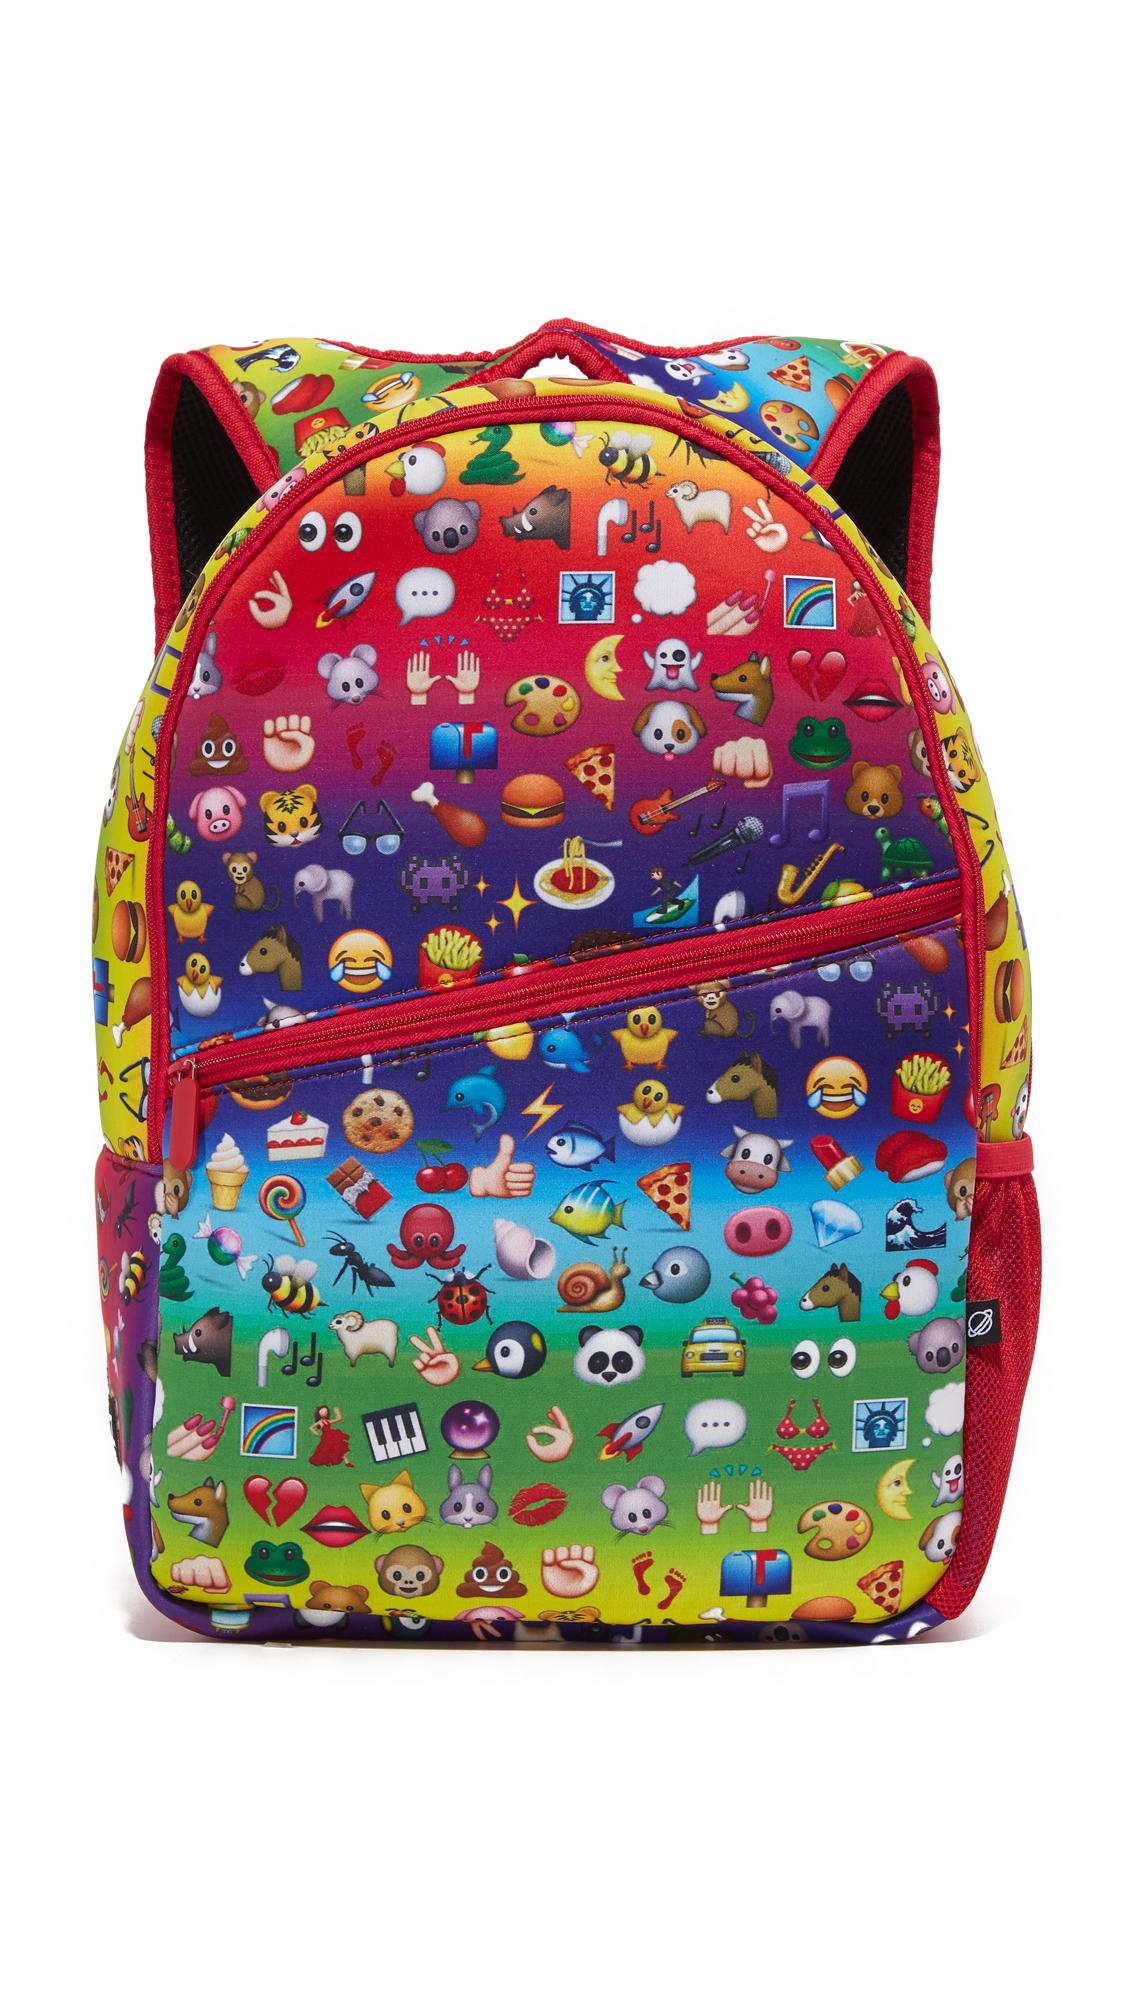 terez female terez backpack rainbow emoji